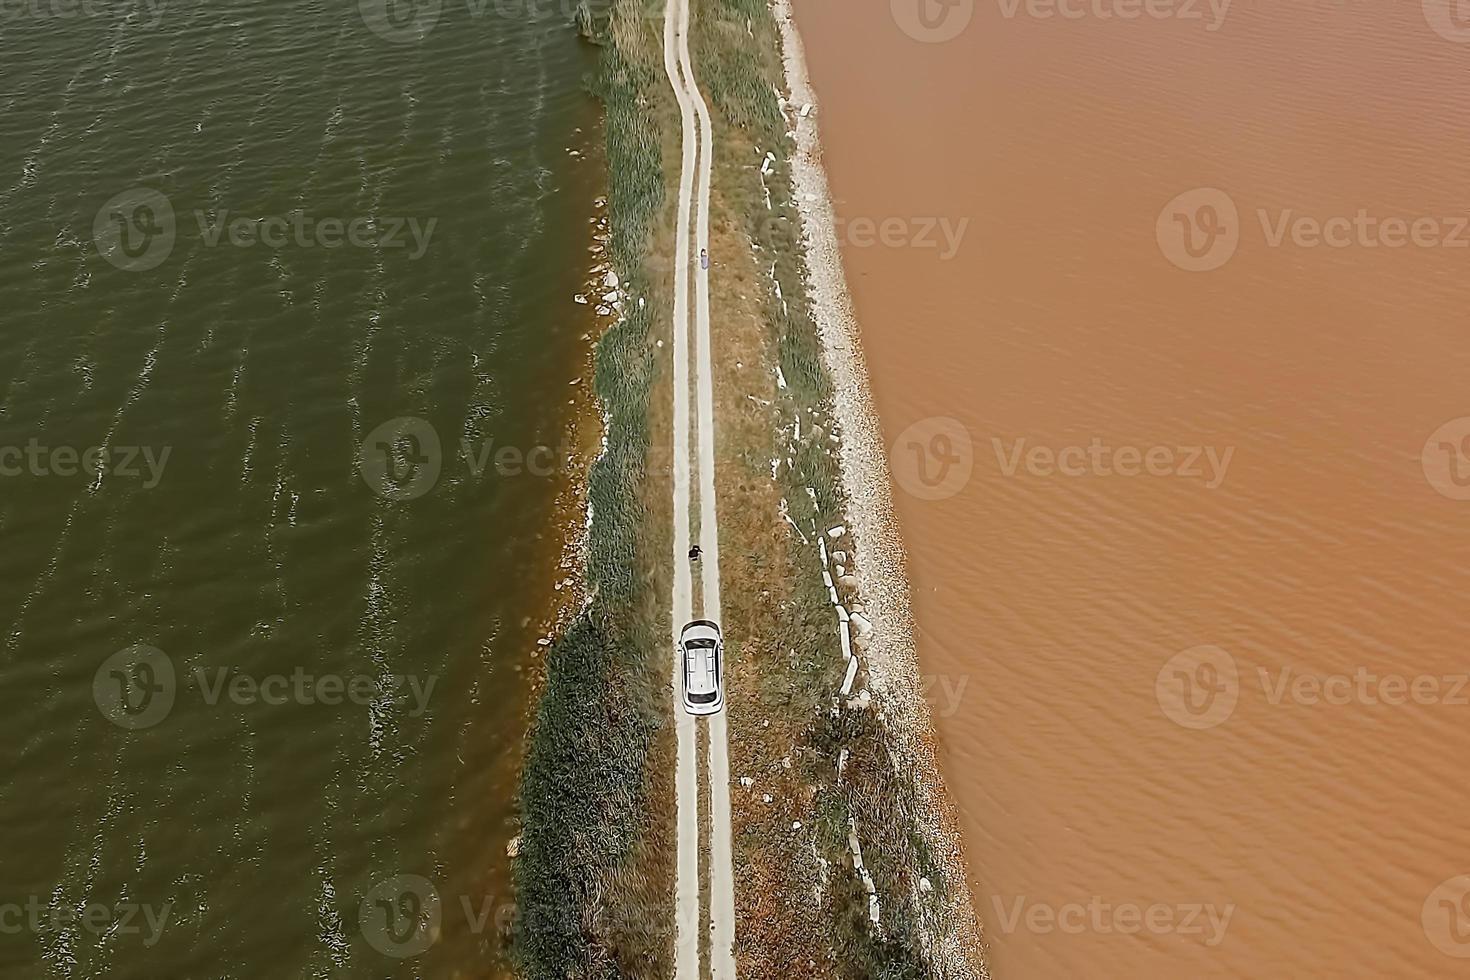 vista aérea do lago sasyk sevash e vista da estrada foto